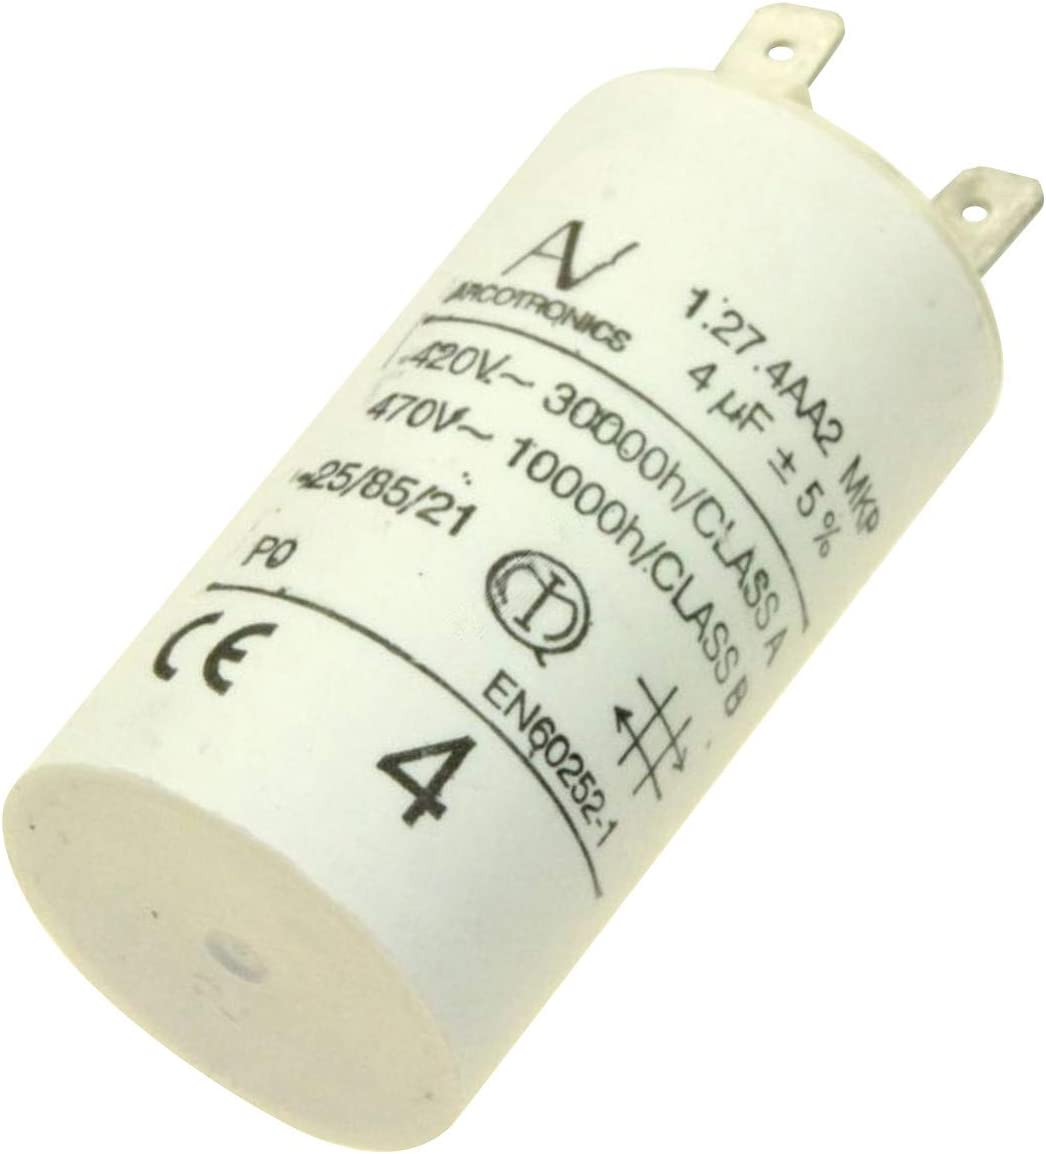 Condensador 4 μf 470 V Campana C00126362 Ariston Hottoint, Schultes, Ikea Whirlpool: Amazon.es: Grandes electrodomésticos